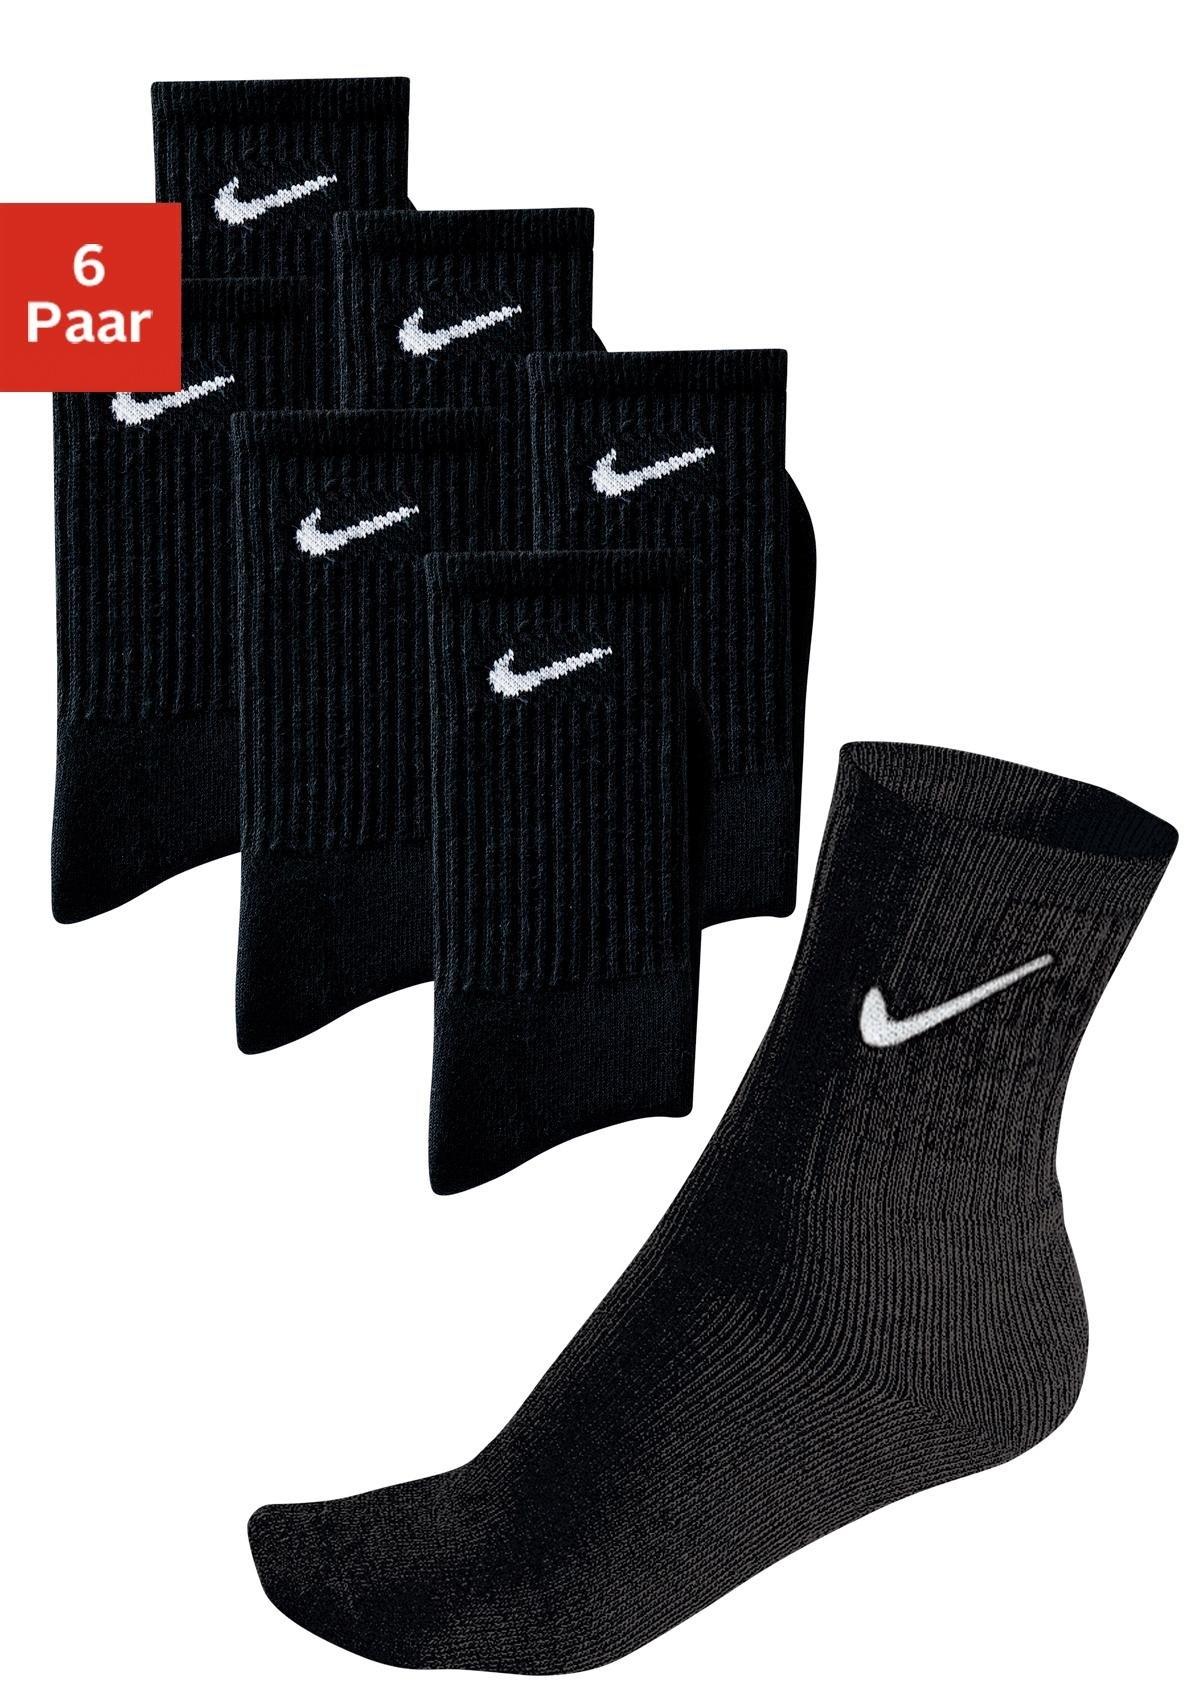 Nike sportsokken (6 paar) nu online bestellen